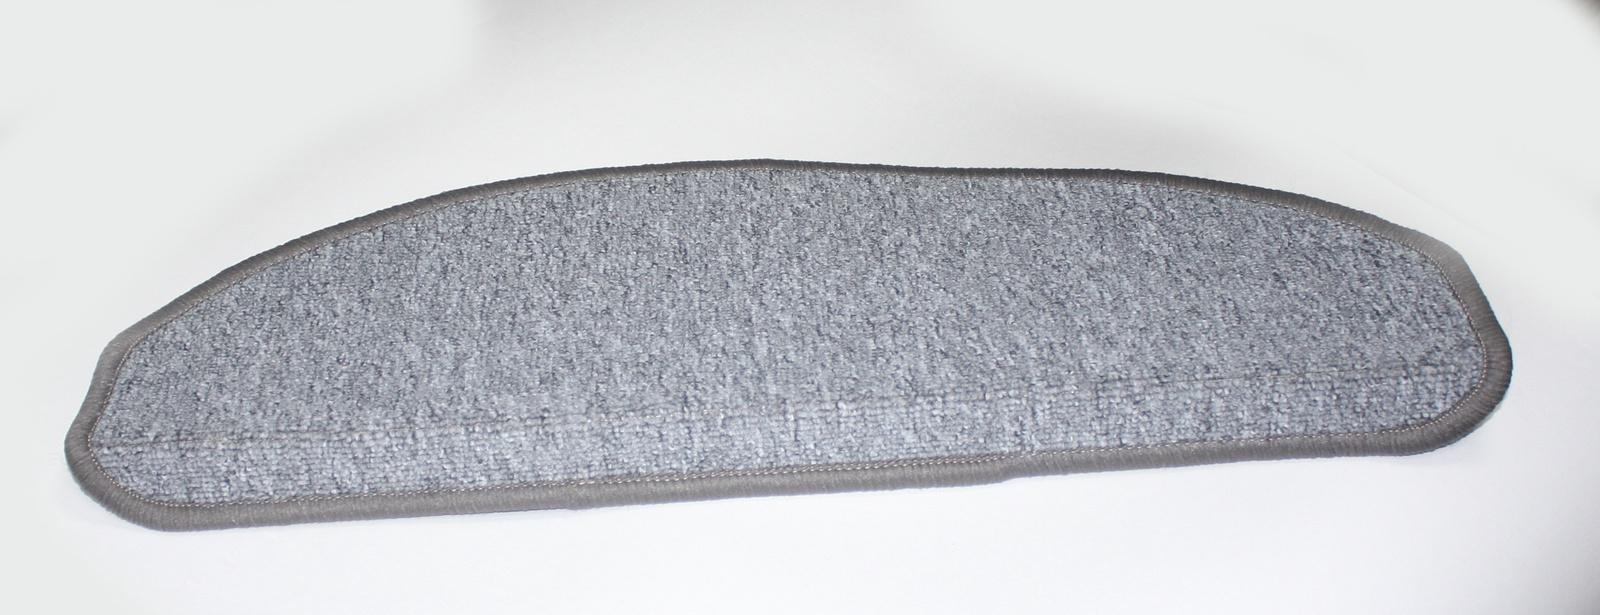 Защитный коврик Велий Карат 90, серый защитный коврик велий хеопс 22 зеленый